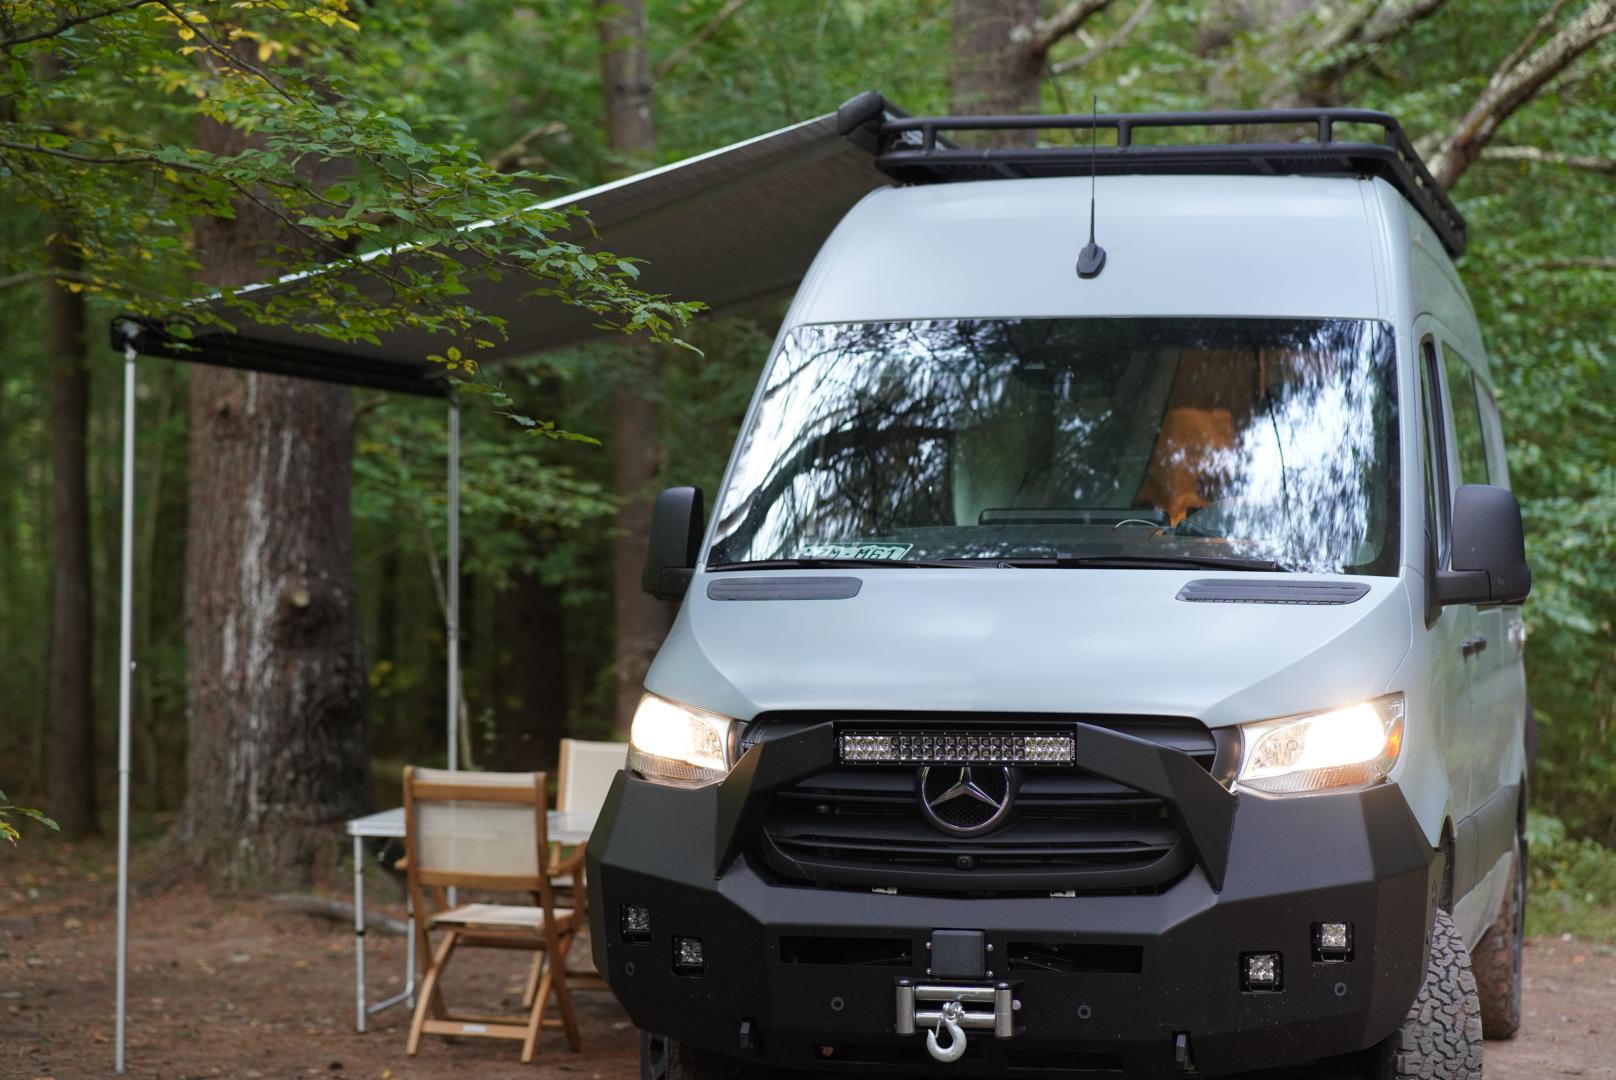 Mercedes-Benz Sprinter RV Motorhome Campervan 2019